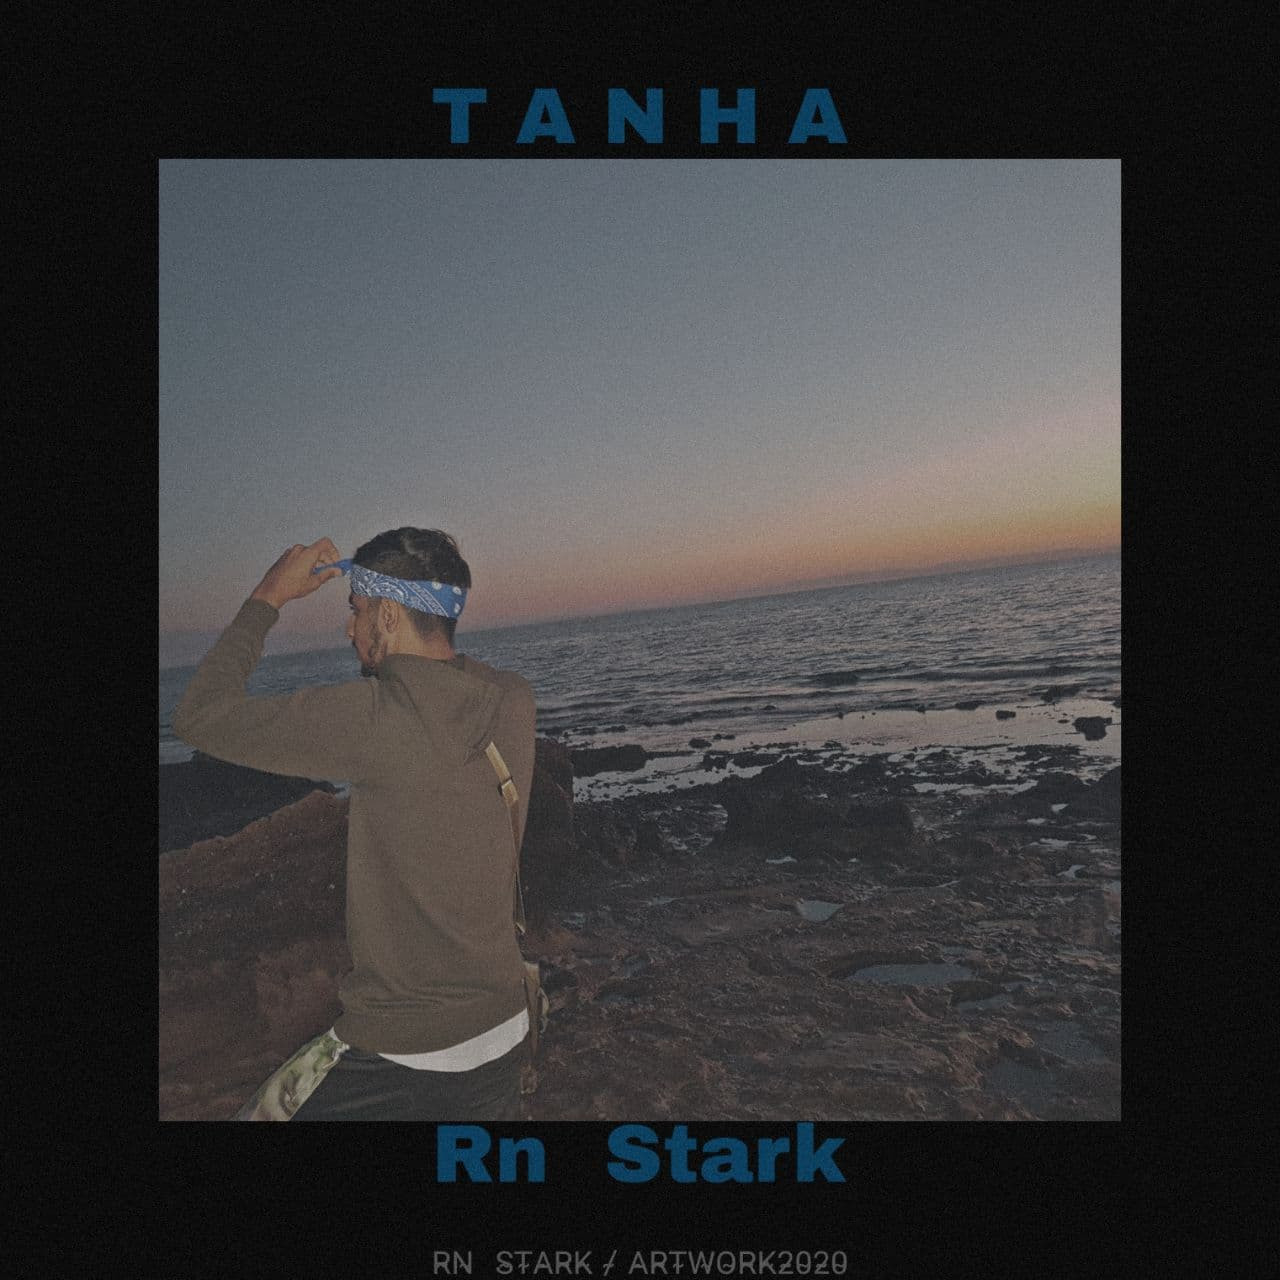 Rn_Stark - Tanha Album